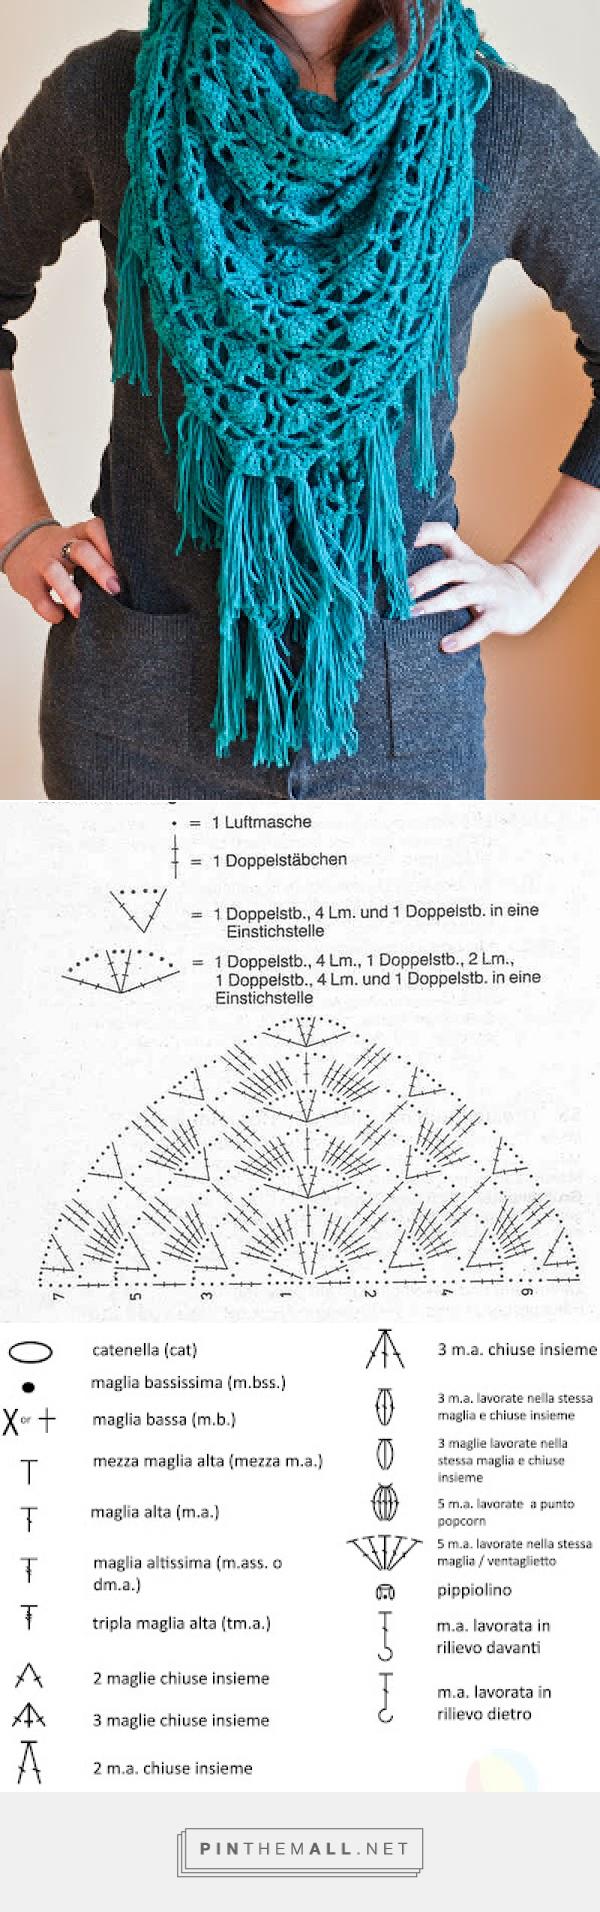 Pin de Silvia Mónica en Esqueleto | Pinterest | Chal, Ganchillo y Tejido